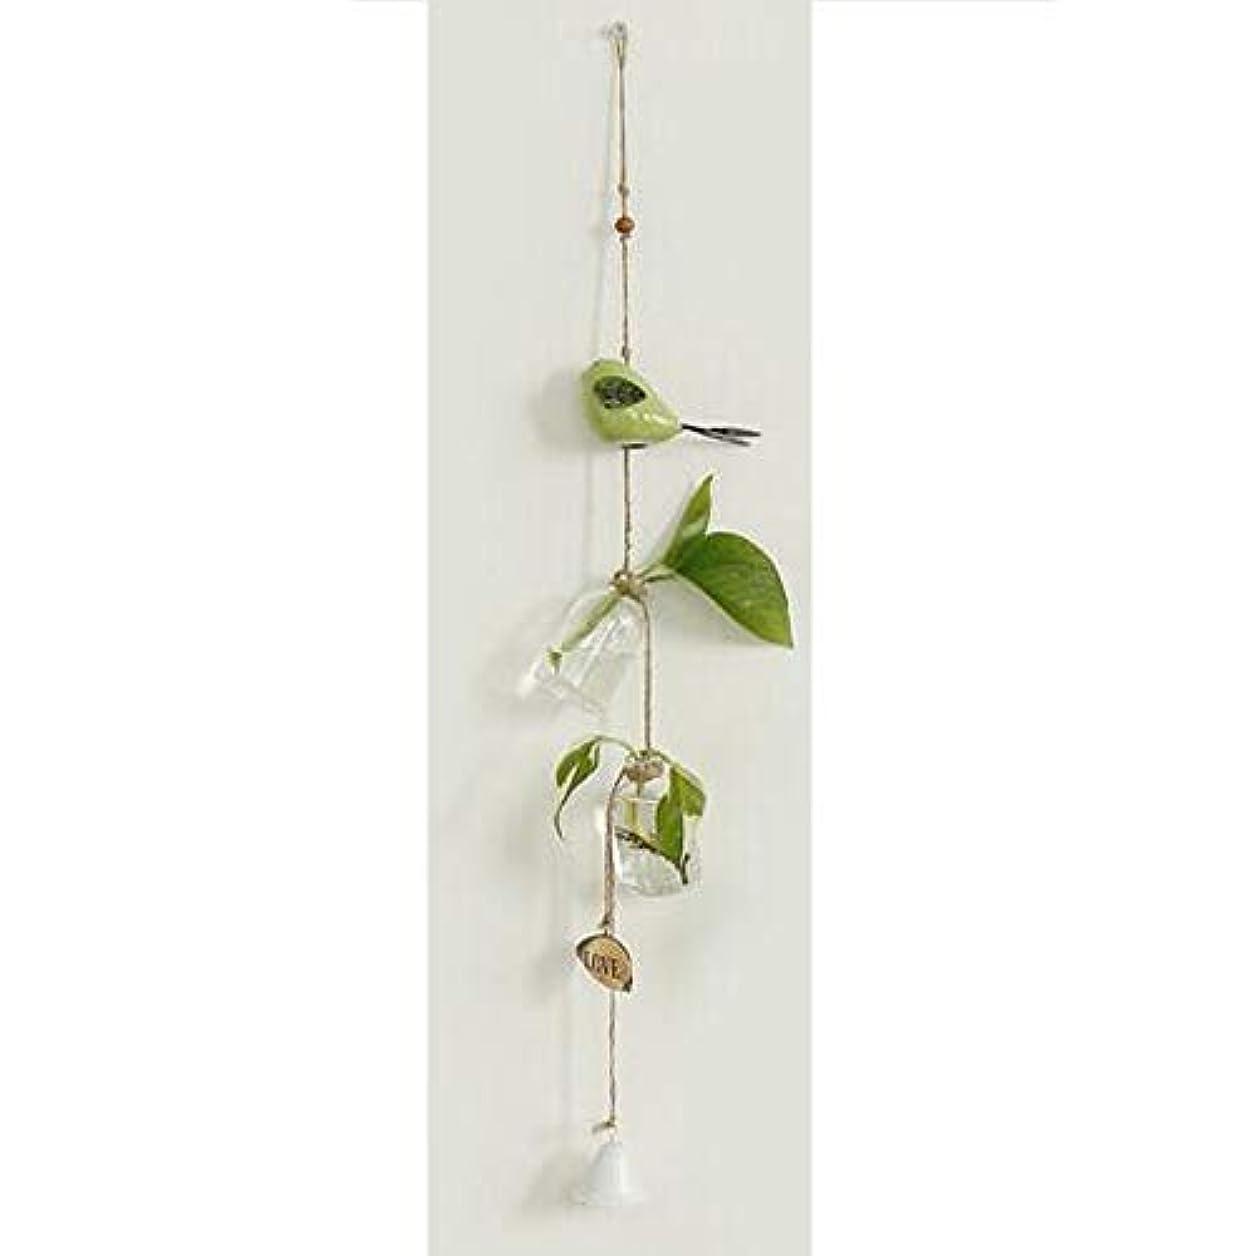 母音スクランブル自由Kaiyitong01 風チャイム、クリエイティブ?グラス風チャイム、白、ロープの長さ63センチメートルボトル(なし植物),絶妙なファッション (Color : Green)